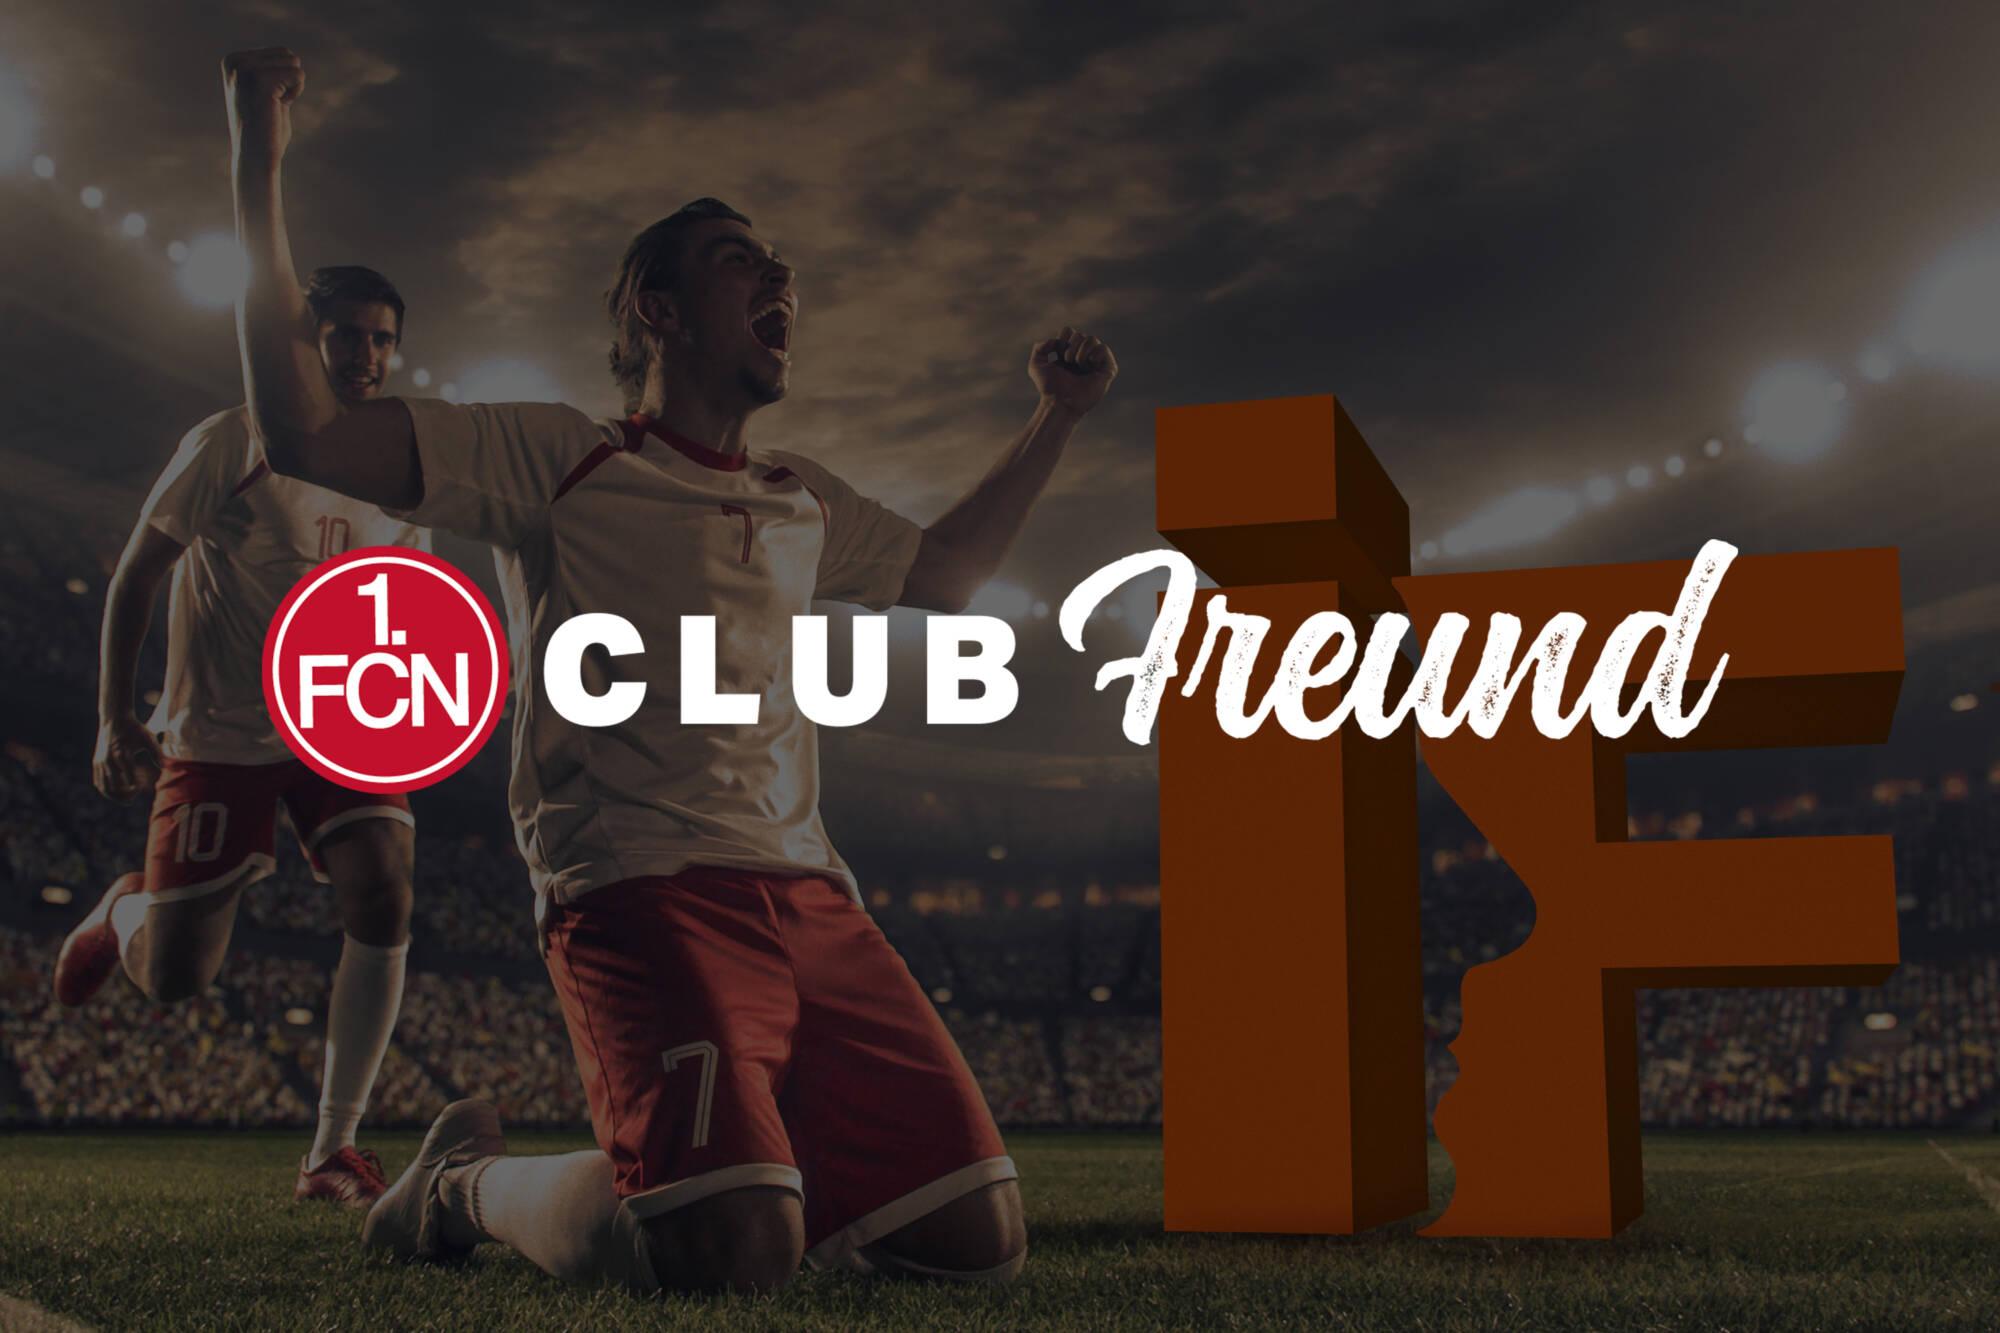 """Einige von euch haben es vielleicht schon bemerkt: Zu Beginn der neuen Fußballsaison 2020/21 haben wir unsere Sponsoring-Aktivitäten erweitert und engagieren uns, neben der SpVgg Unterhaching, nun auch beim 1. FC Nürnberg als Club-Freund – oder wie es in Franken heißt, als """"Glubbb-Freund"""". Das Sponsoring mit den """"Glubbberern läuft zunächst für ein Jahr mit der Option auf Verlängerung."""